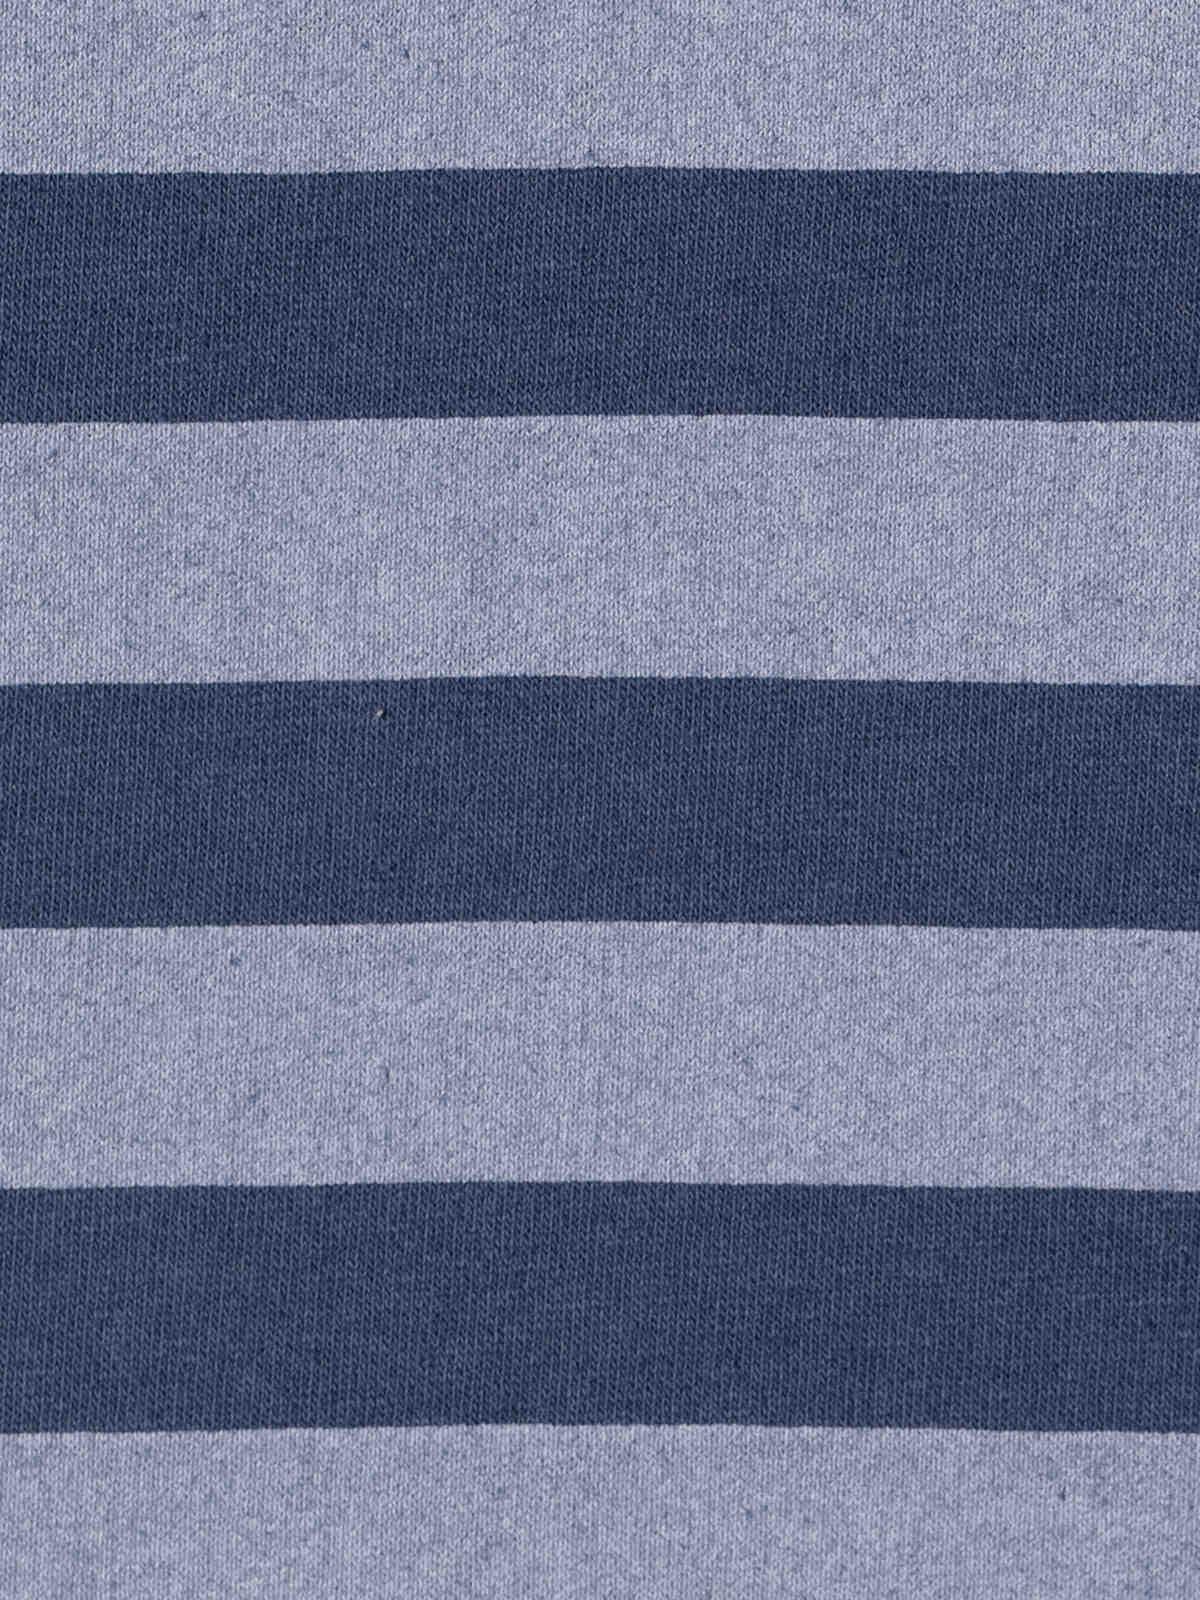 Sudadera mujer rayas detalle en bajo Azul Marino